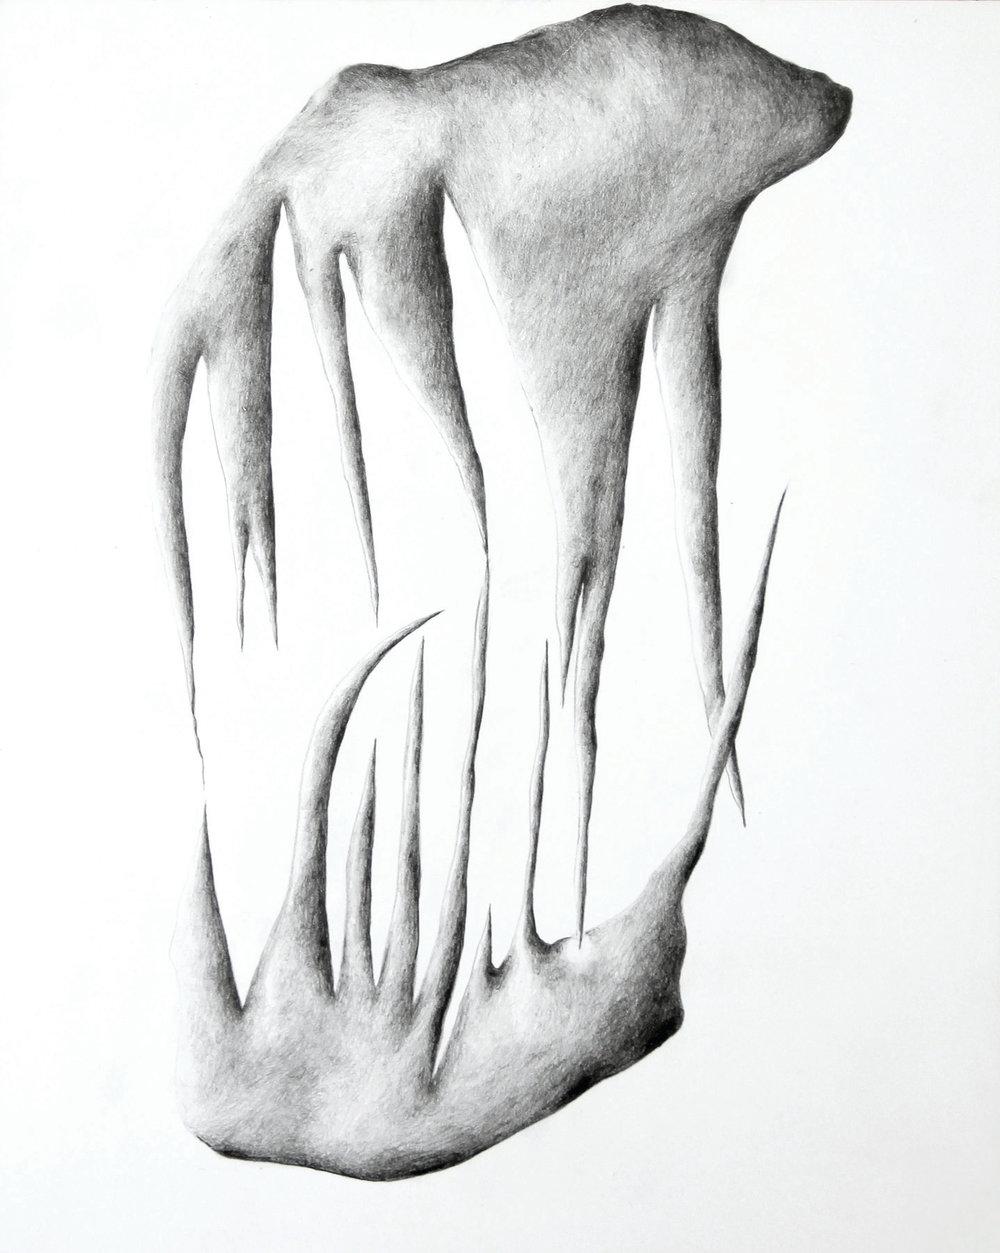 Gabriella Carboni, Prick ,graphite on claybord,8 x 10,$250